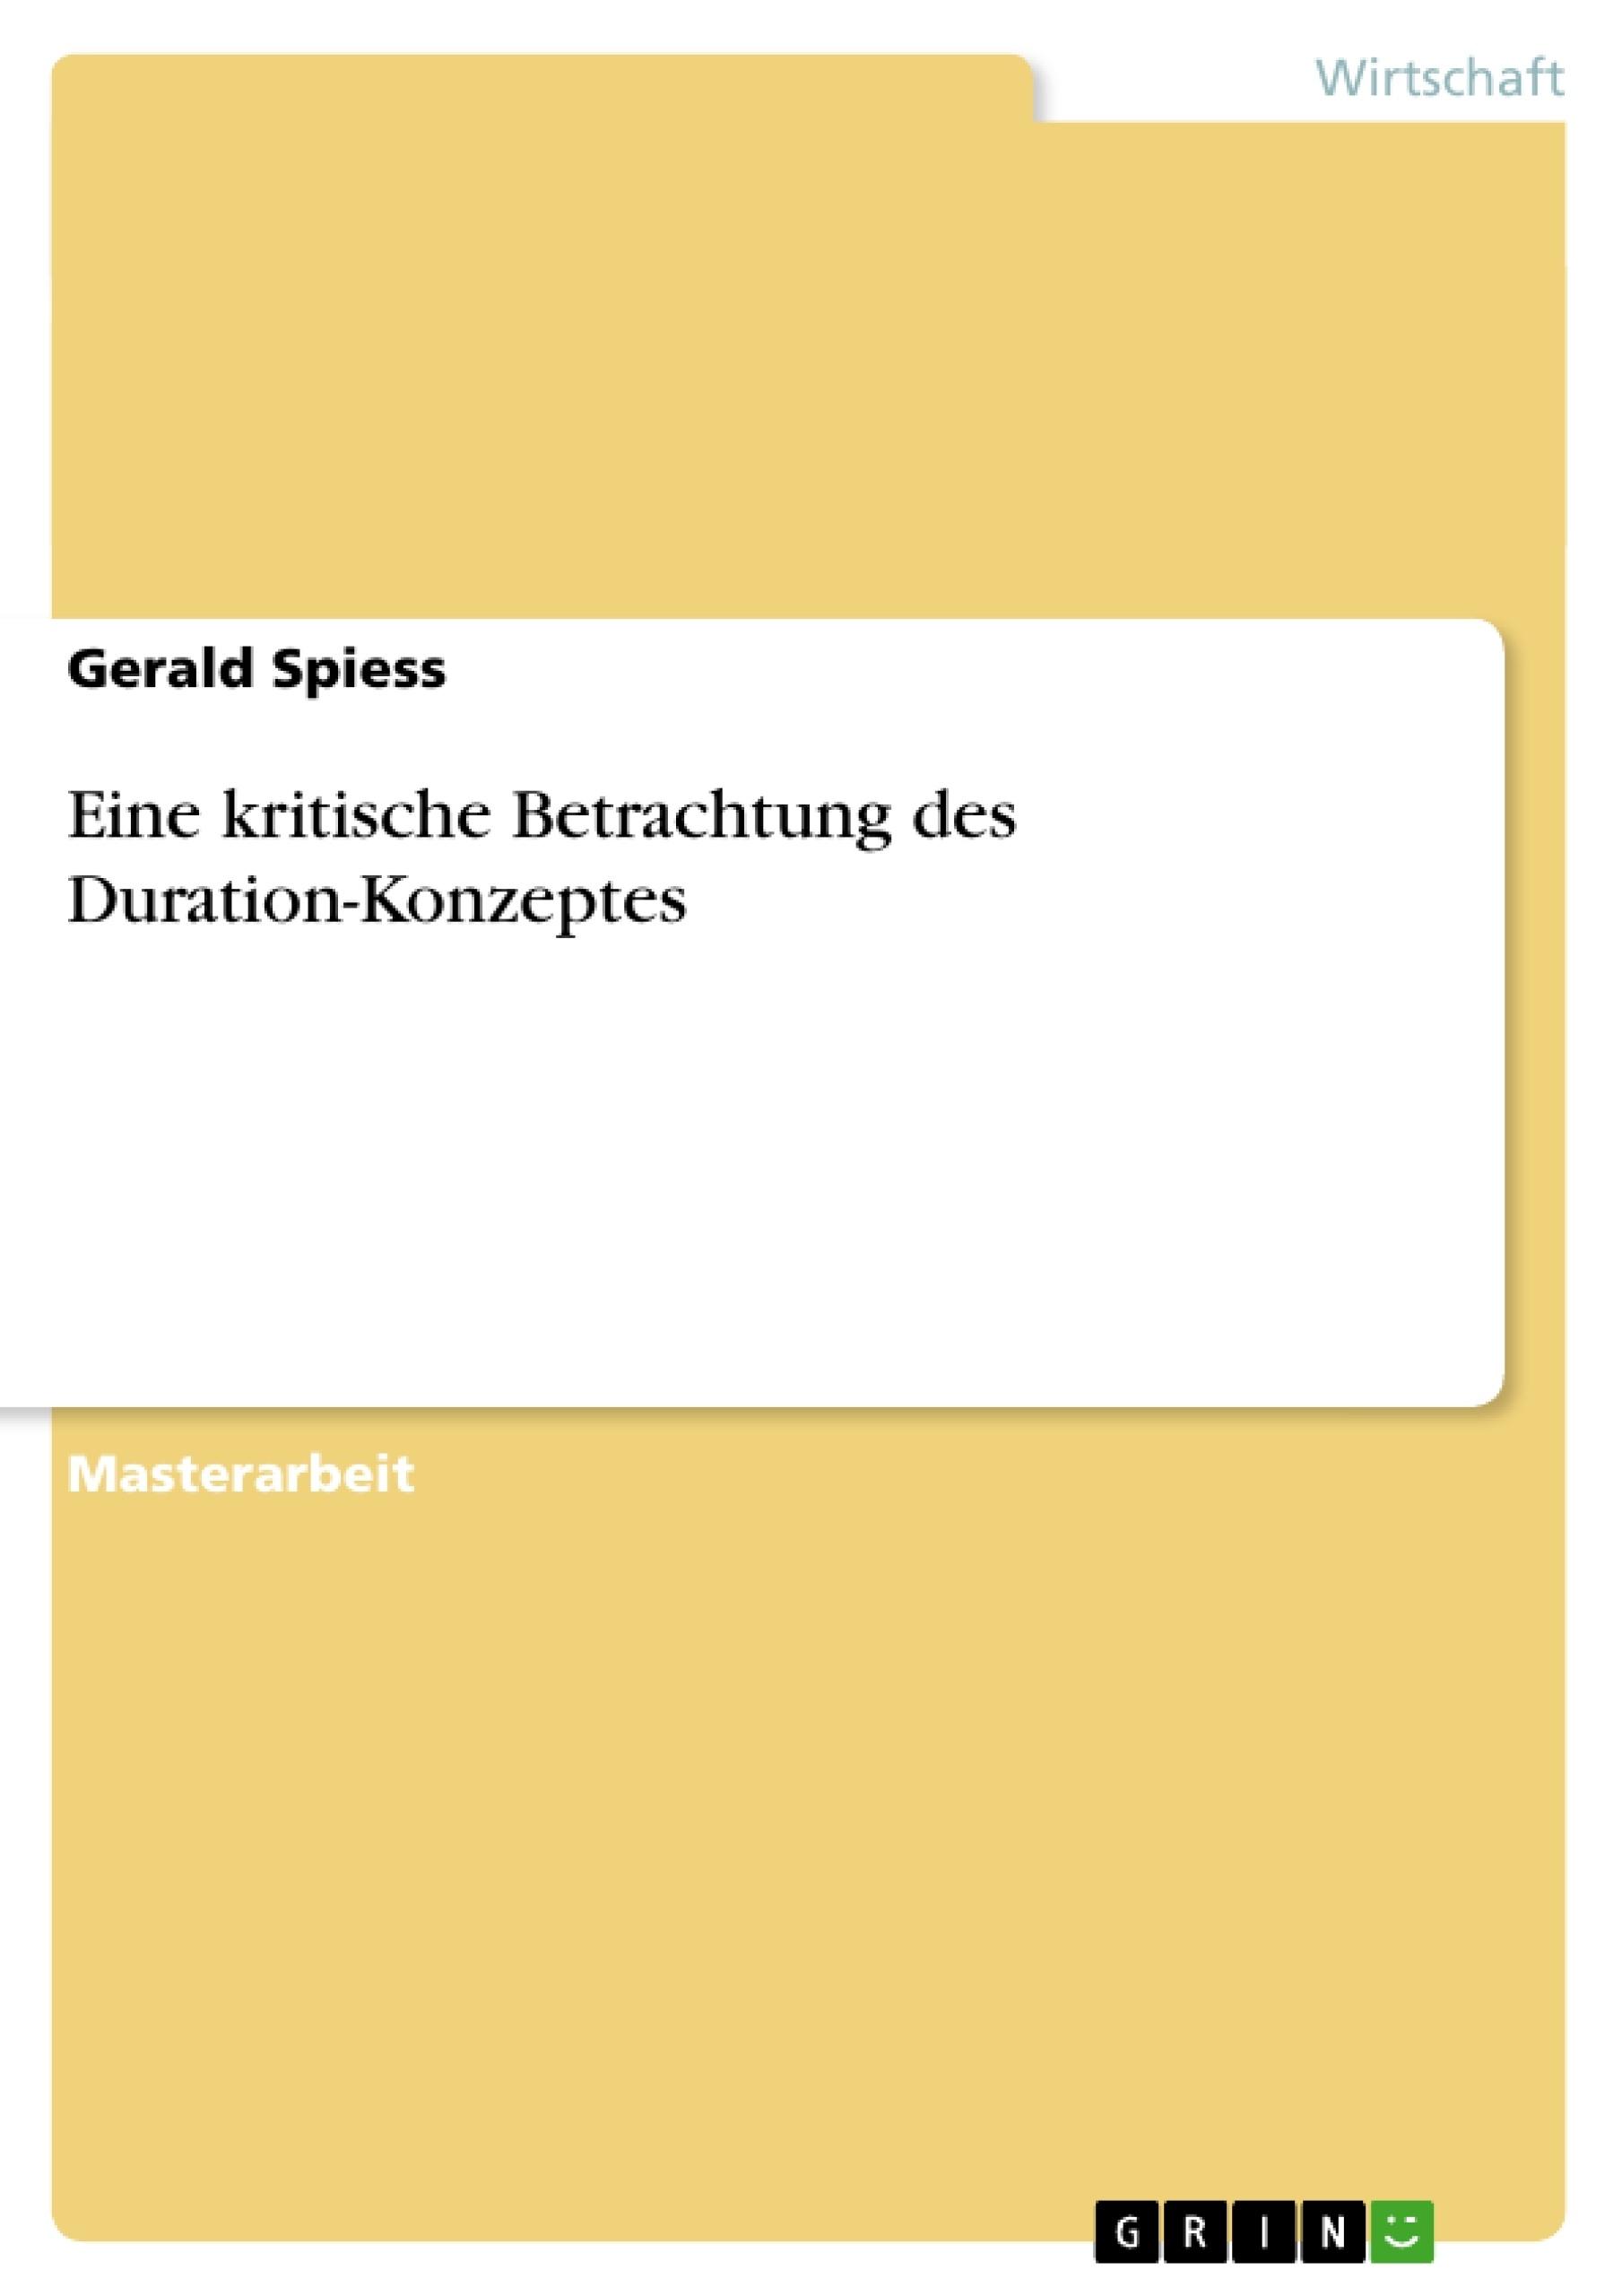 Titel: Eine kritische Betrachtung des Duration-Konzeptes